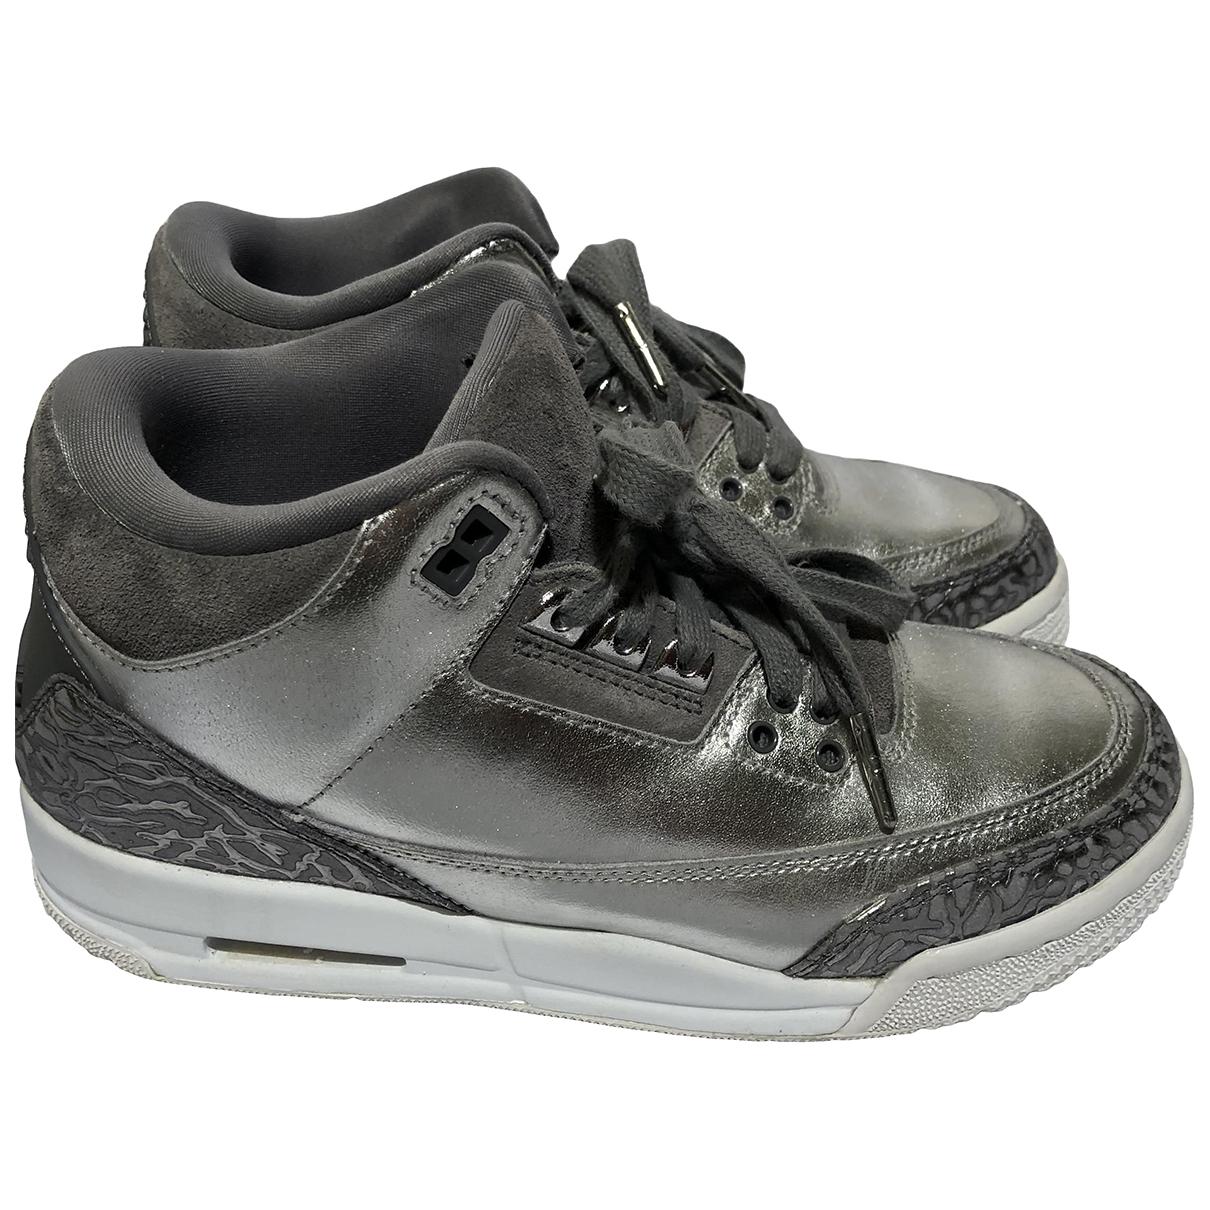 Jordan Air Jordan 3 Sneakers in  Silber Leder